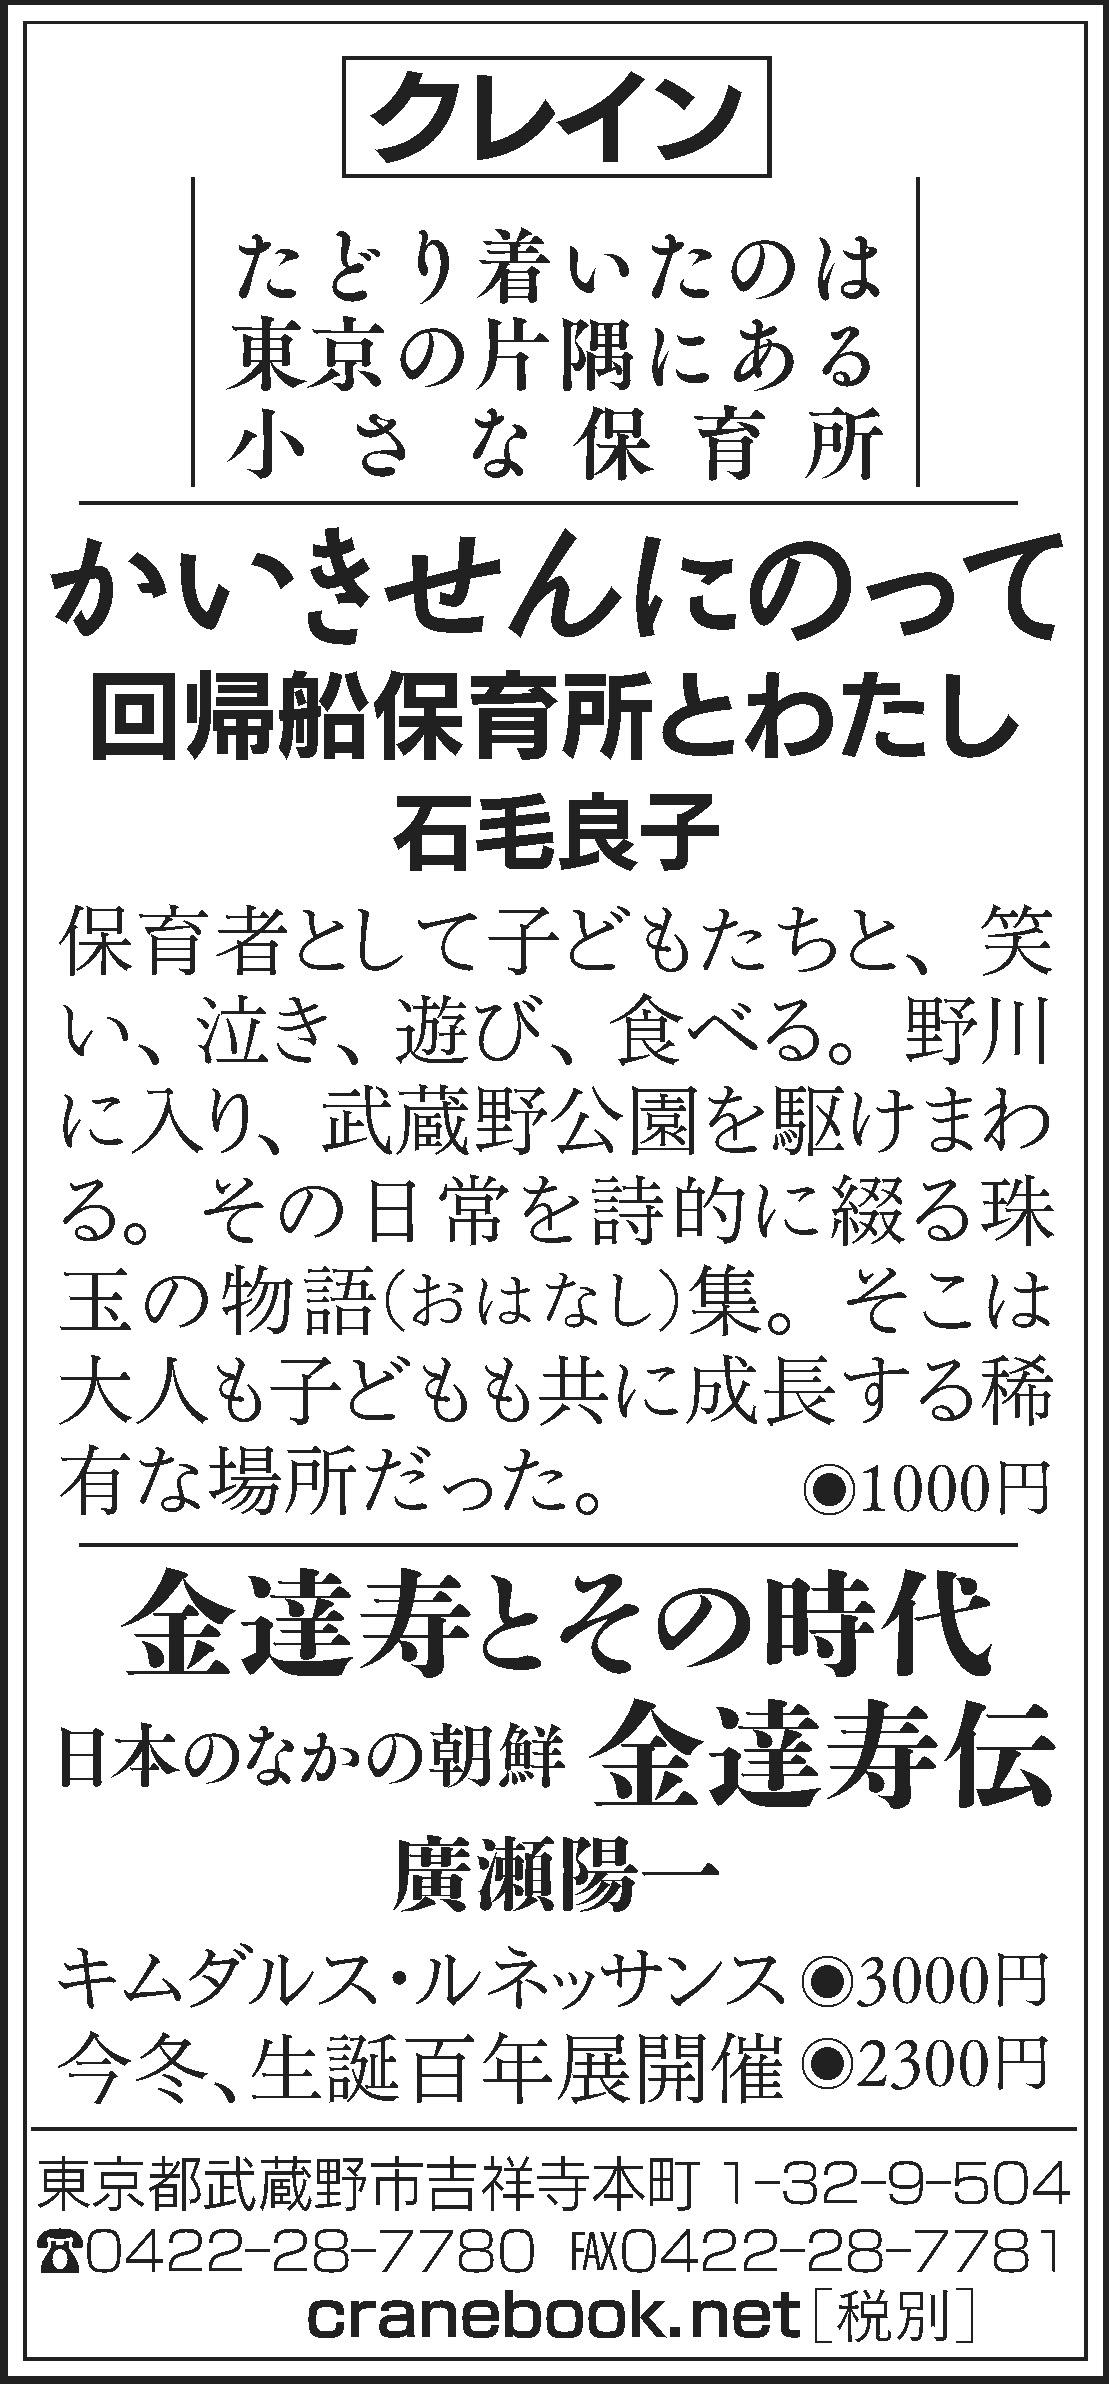 『東京新聞』10月19日の広告